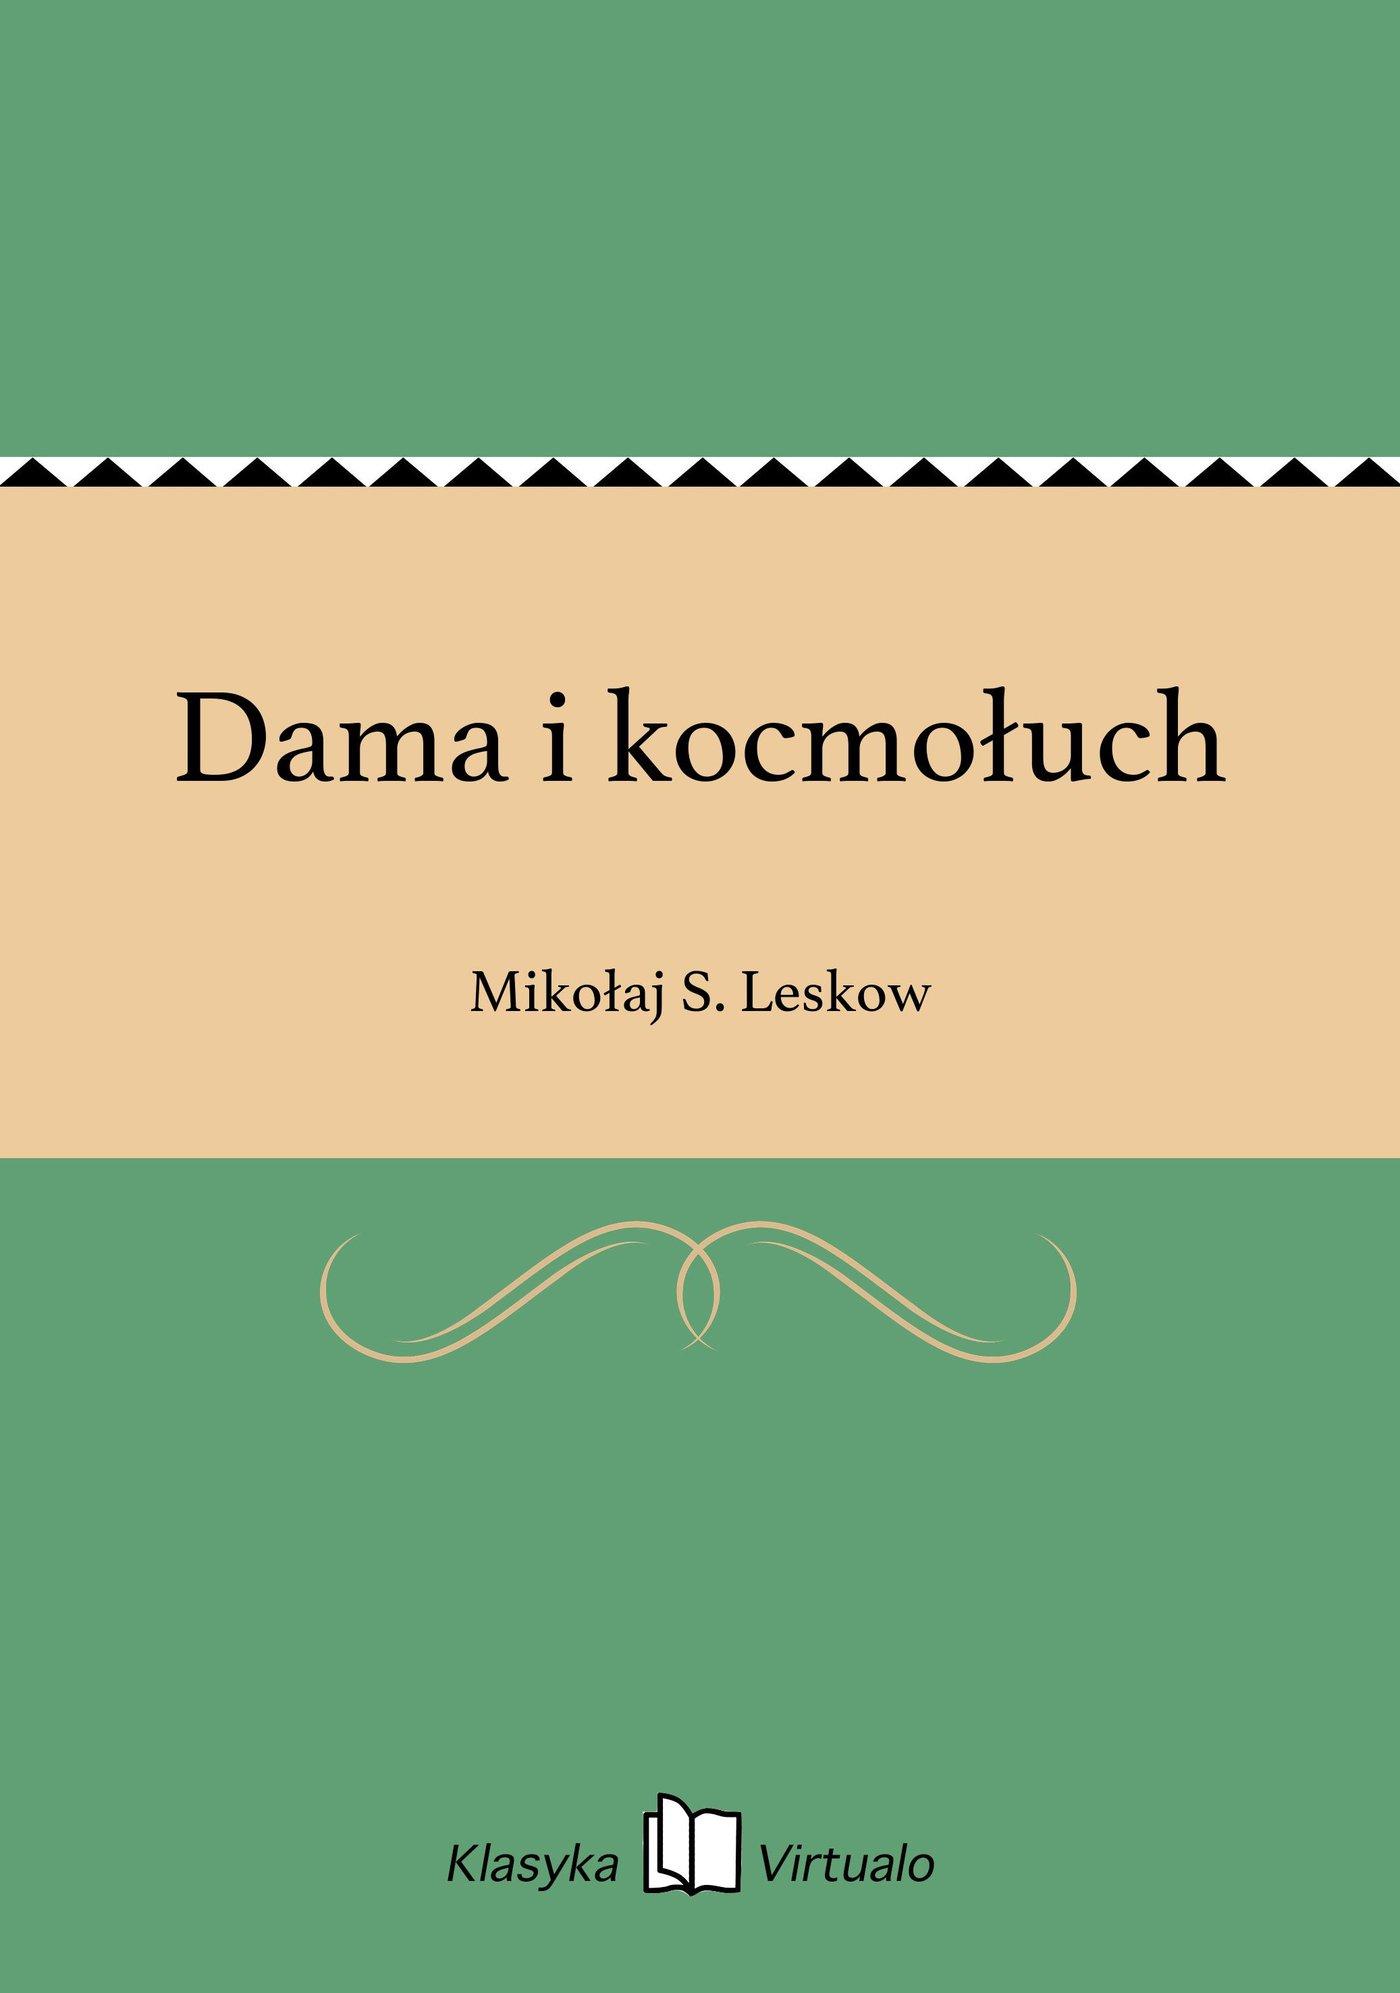 Dama i kocmołuch - Ebook (Książka EPUB) do pobrania w formacie EPUB